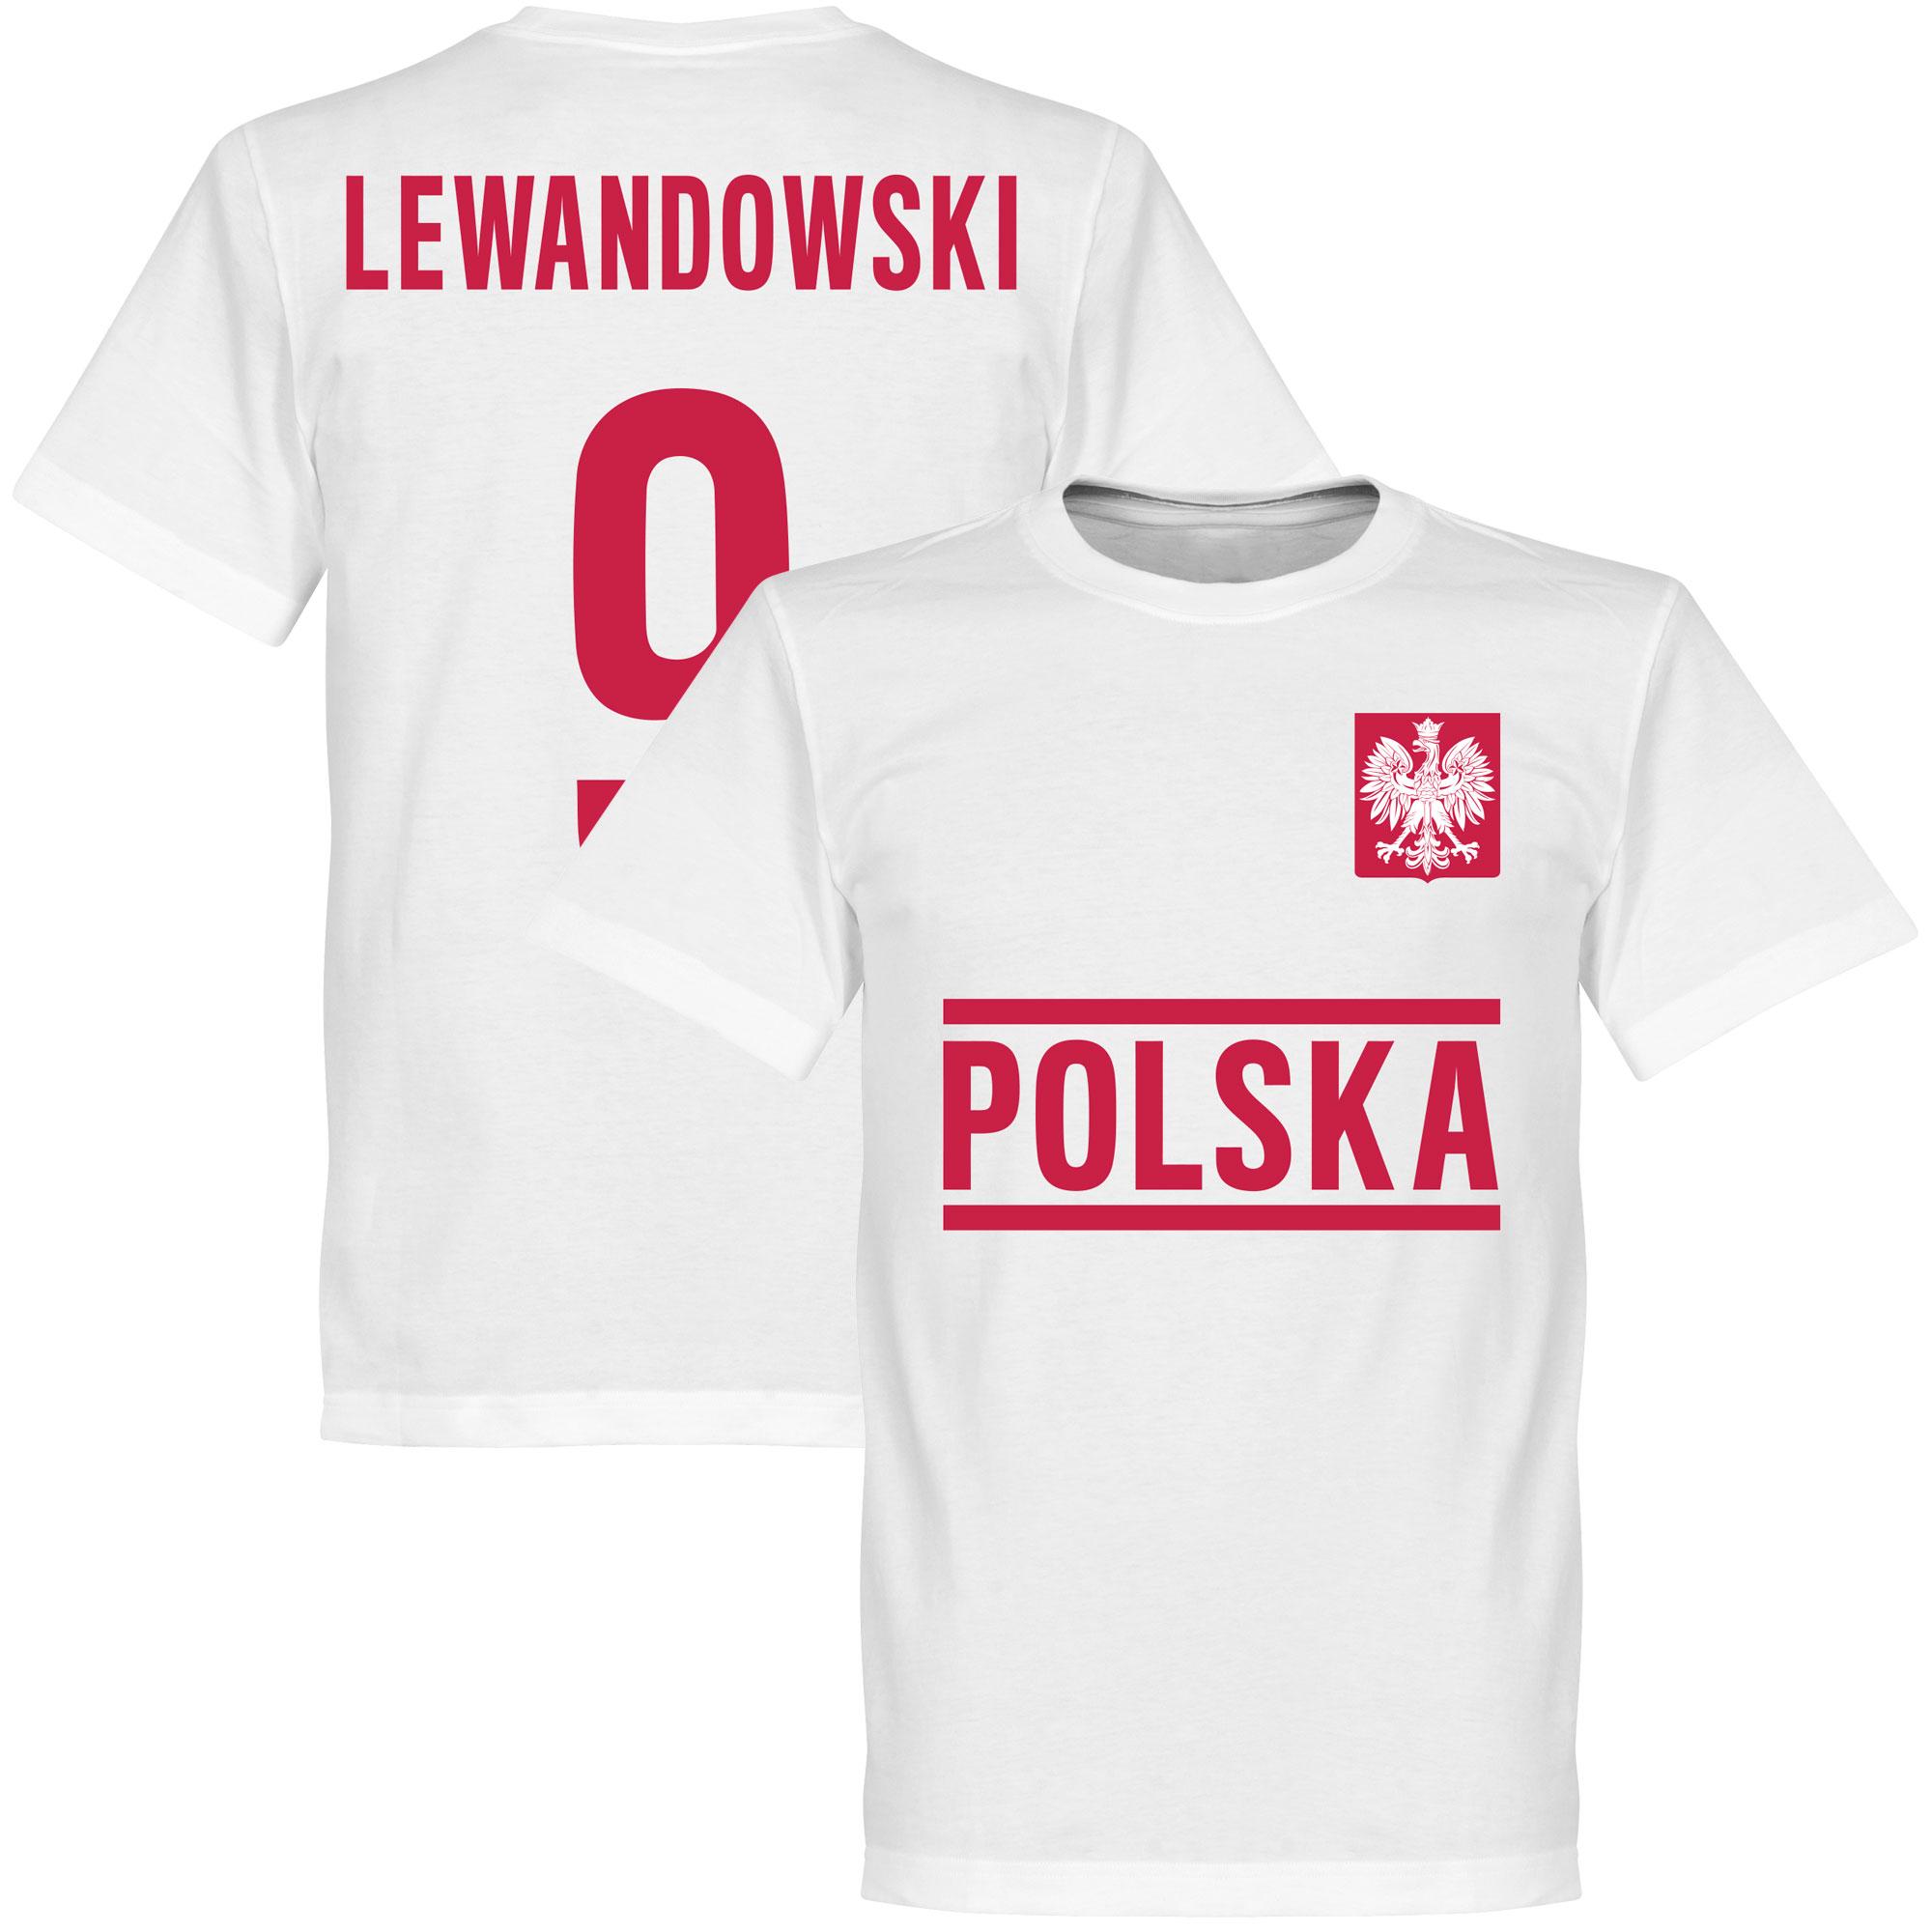 Poland Lewandowski Team Tee - White - XXXL